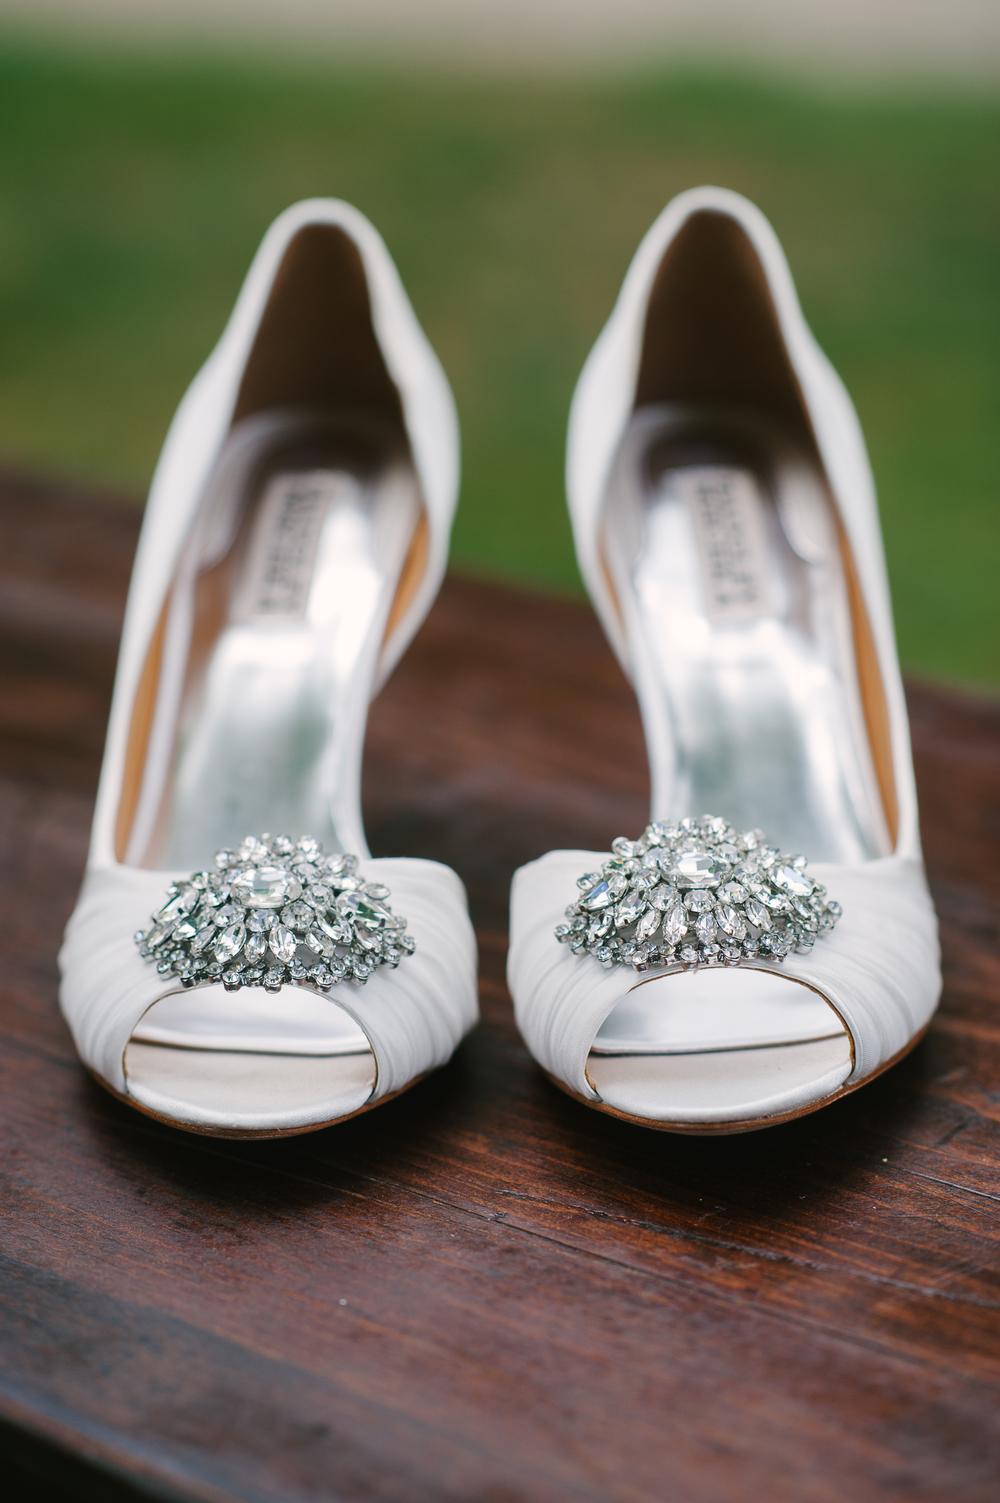 badgley mischka shoes wedding